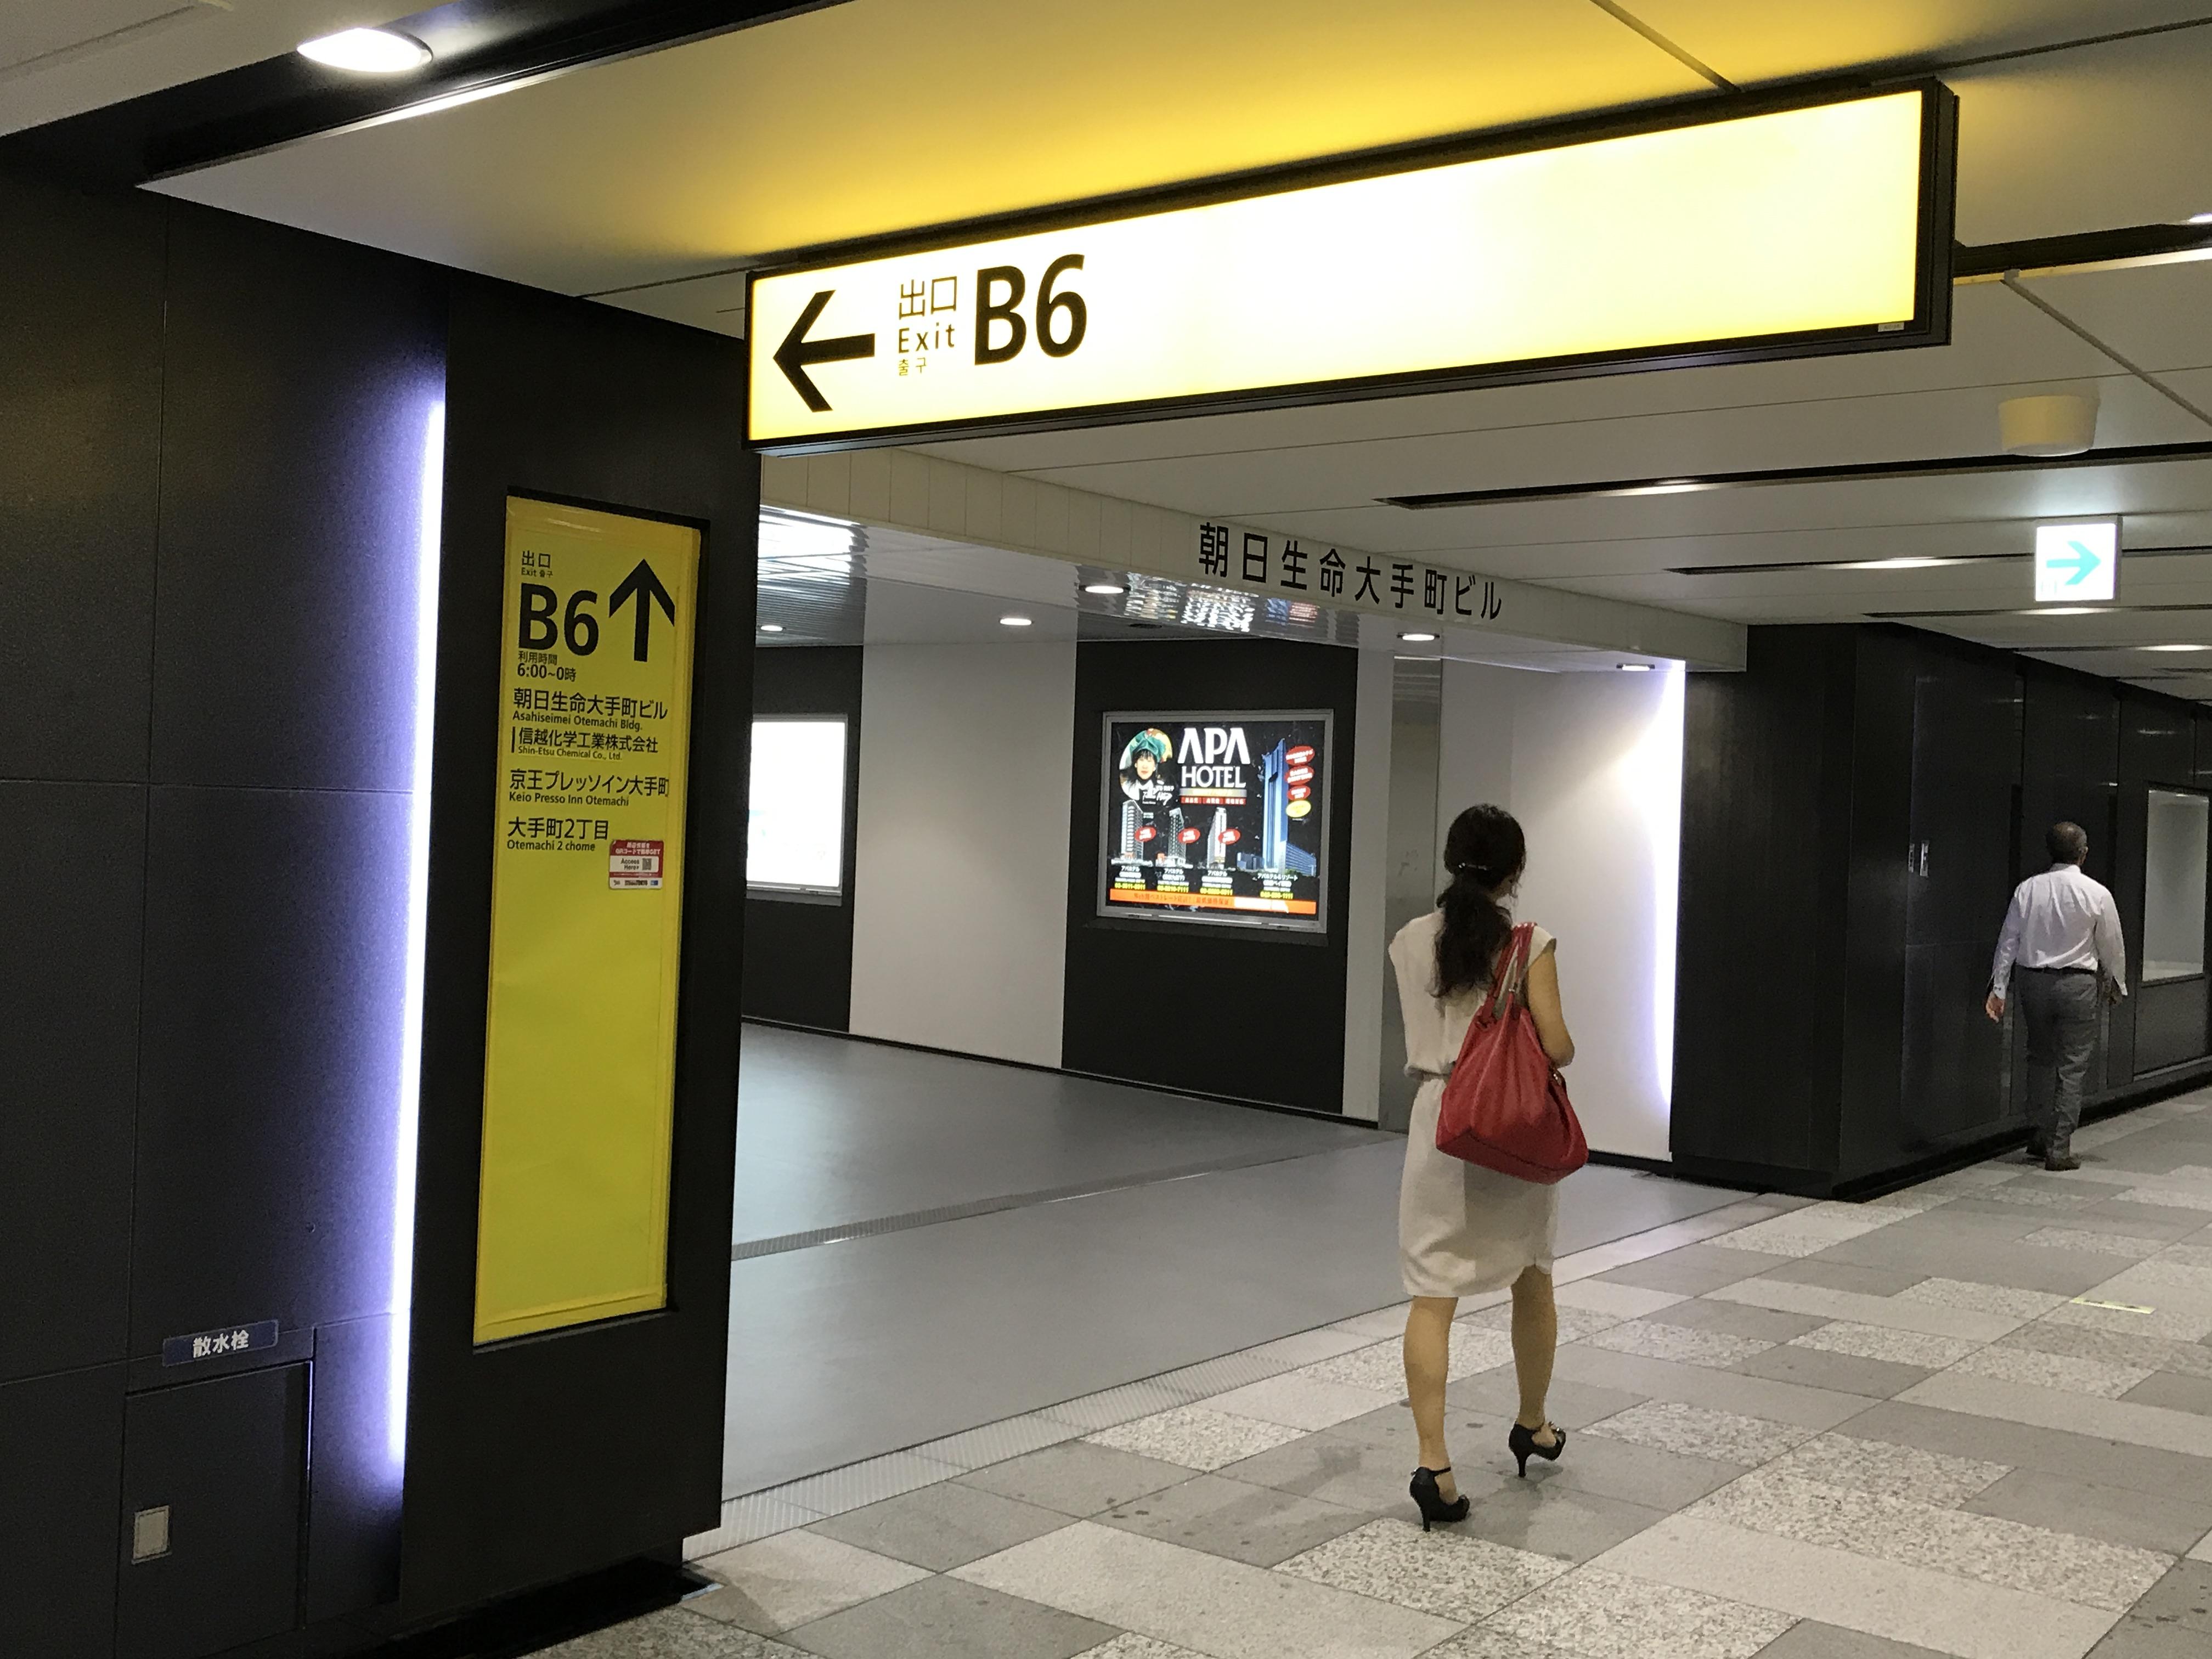 東京メトロ大手町駅B6出口